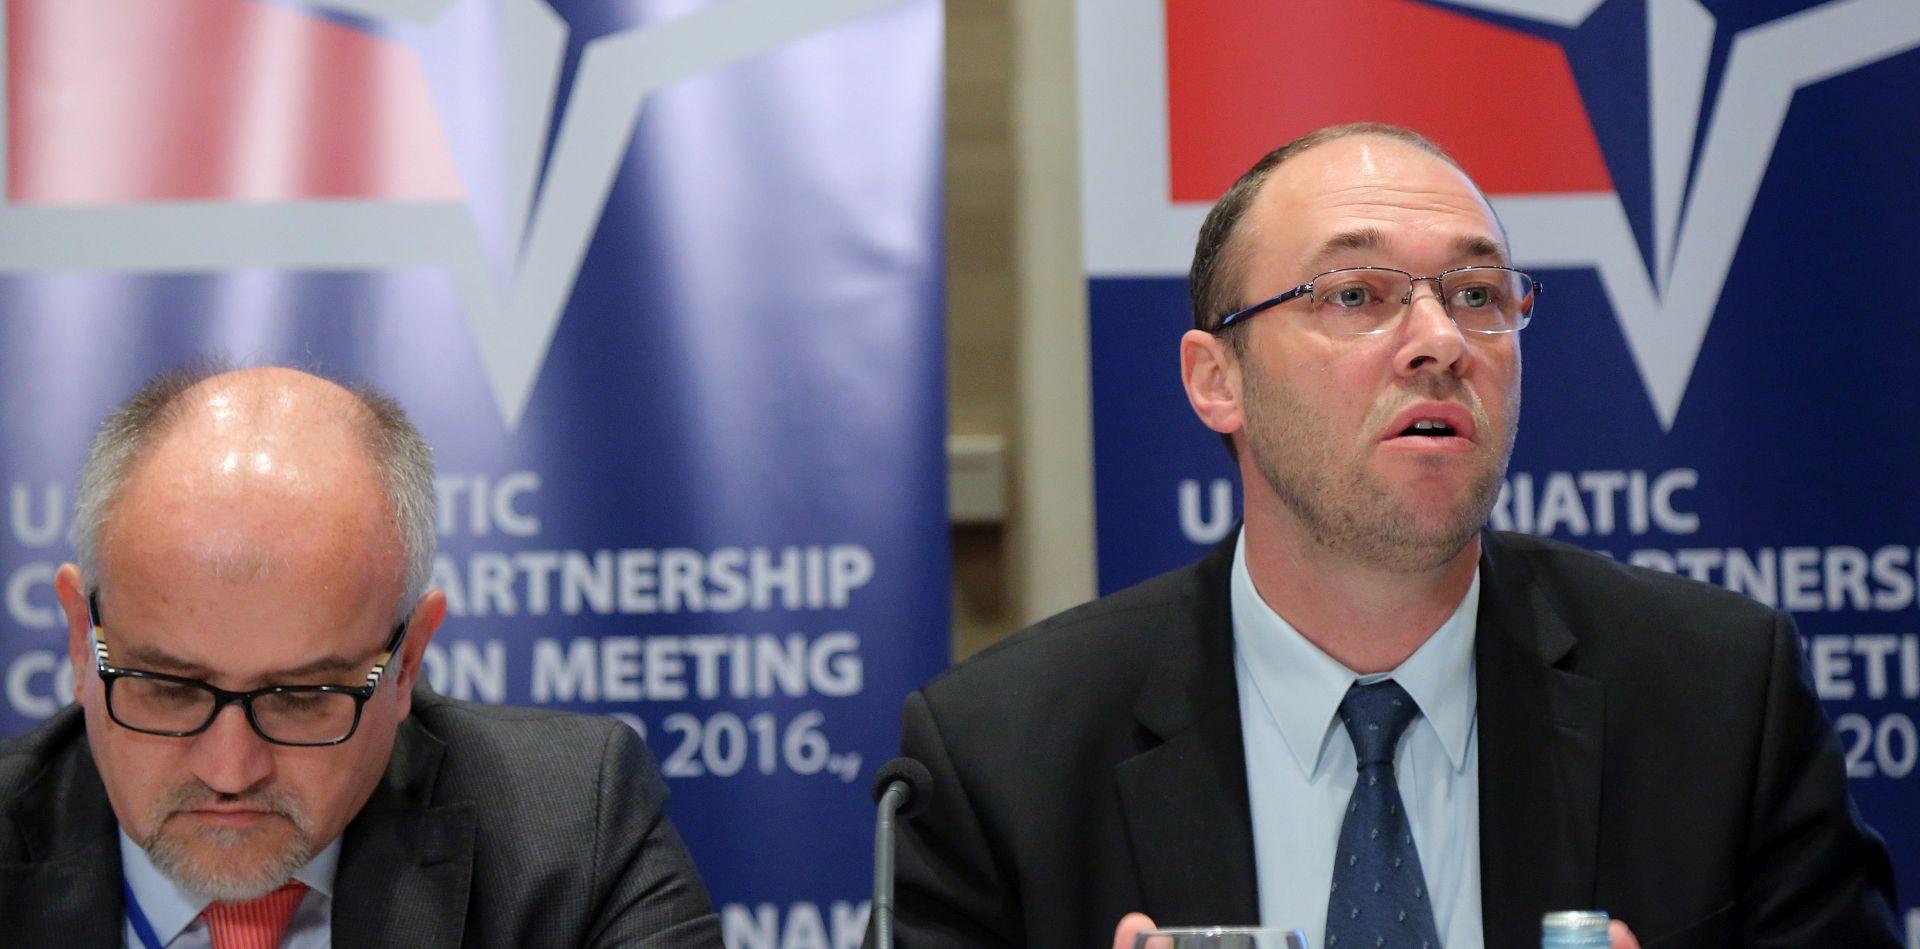 CRNOGORSKI MINISTAR 'Prevlaka nije otvoreno pitanje'